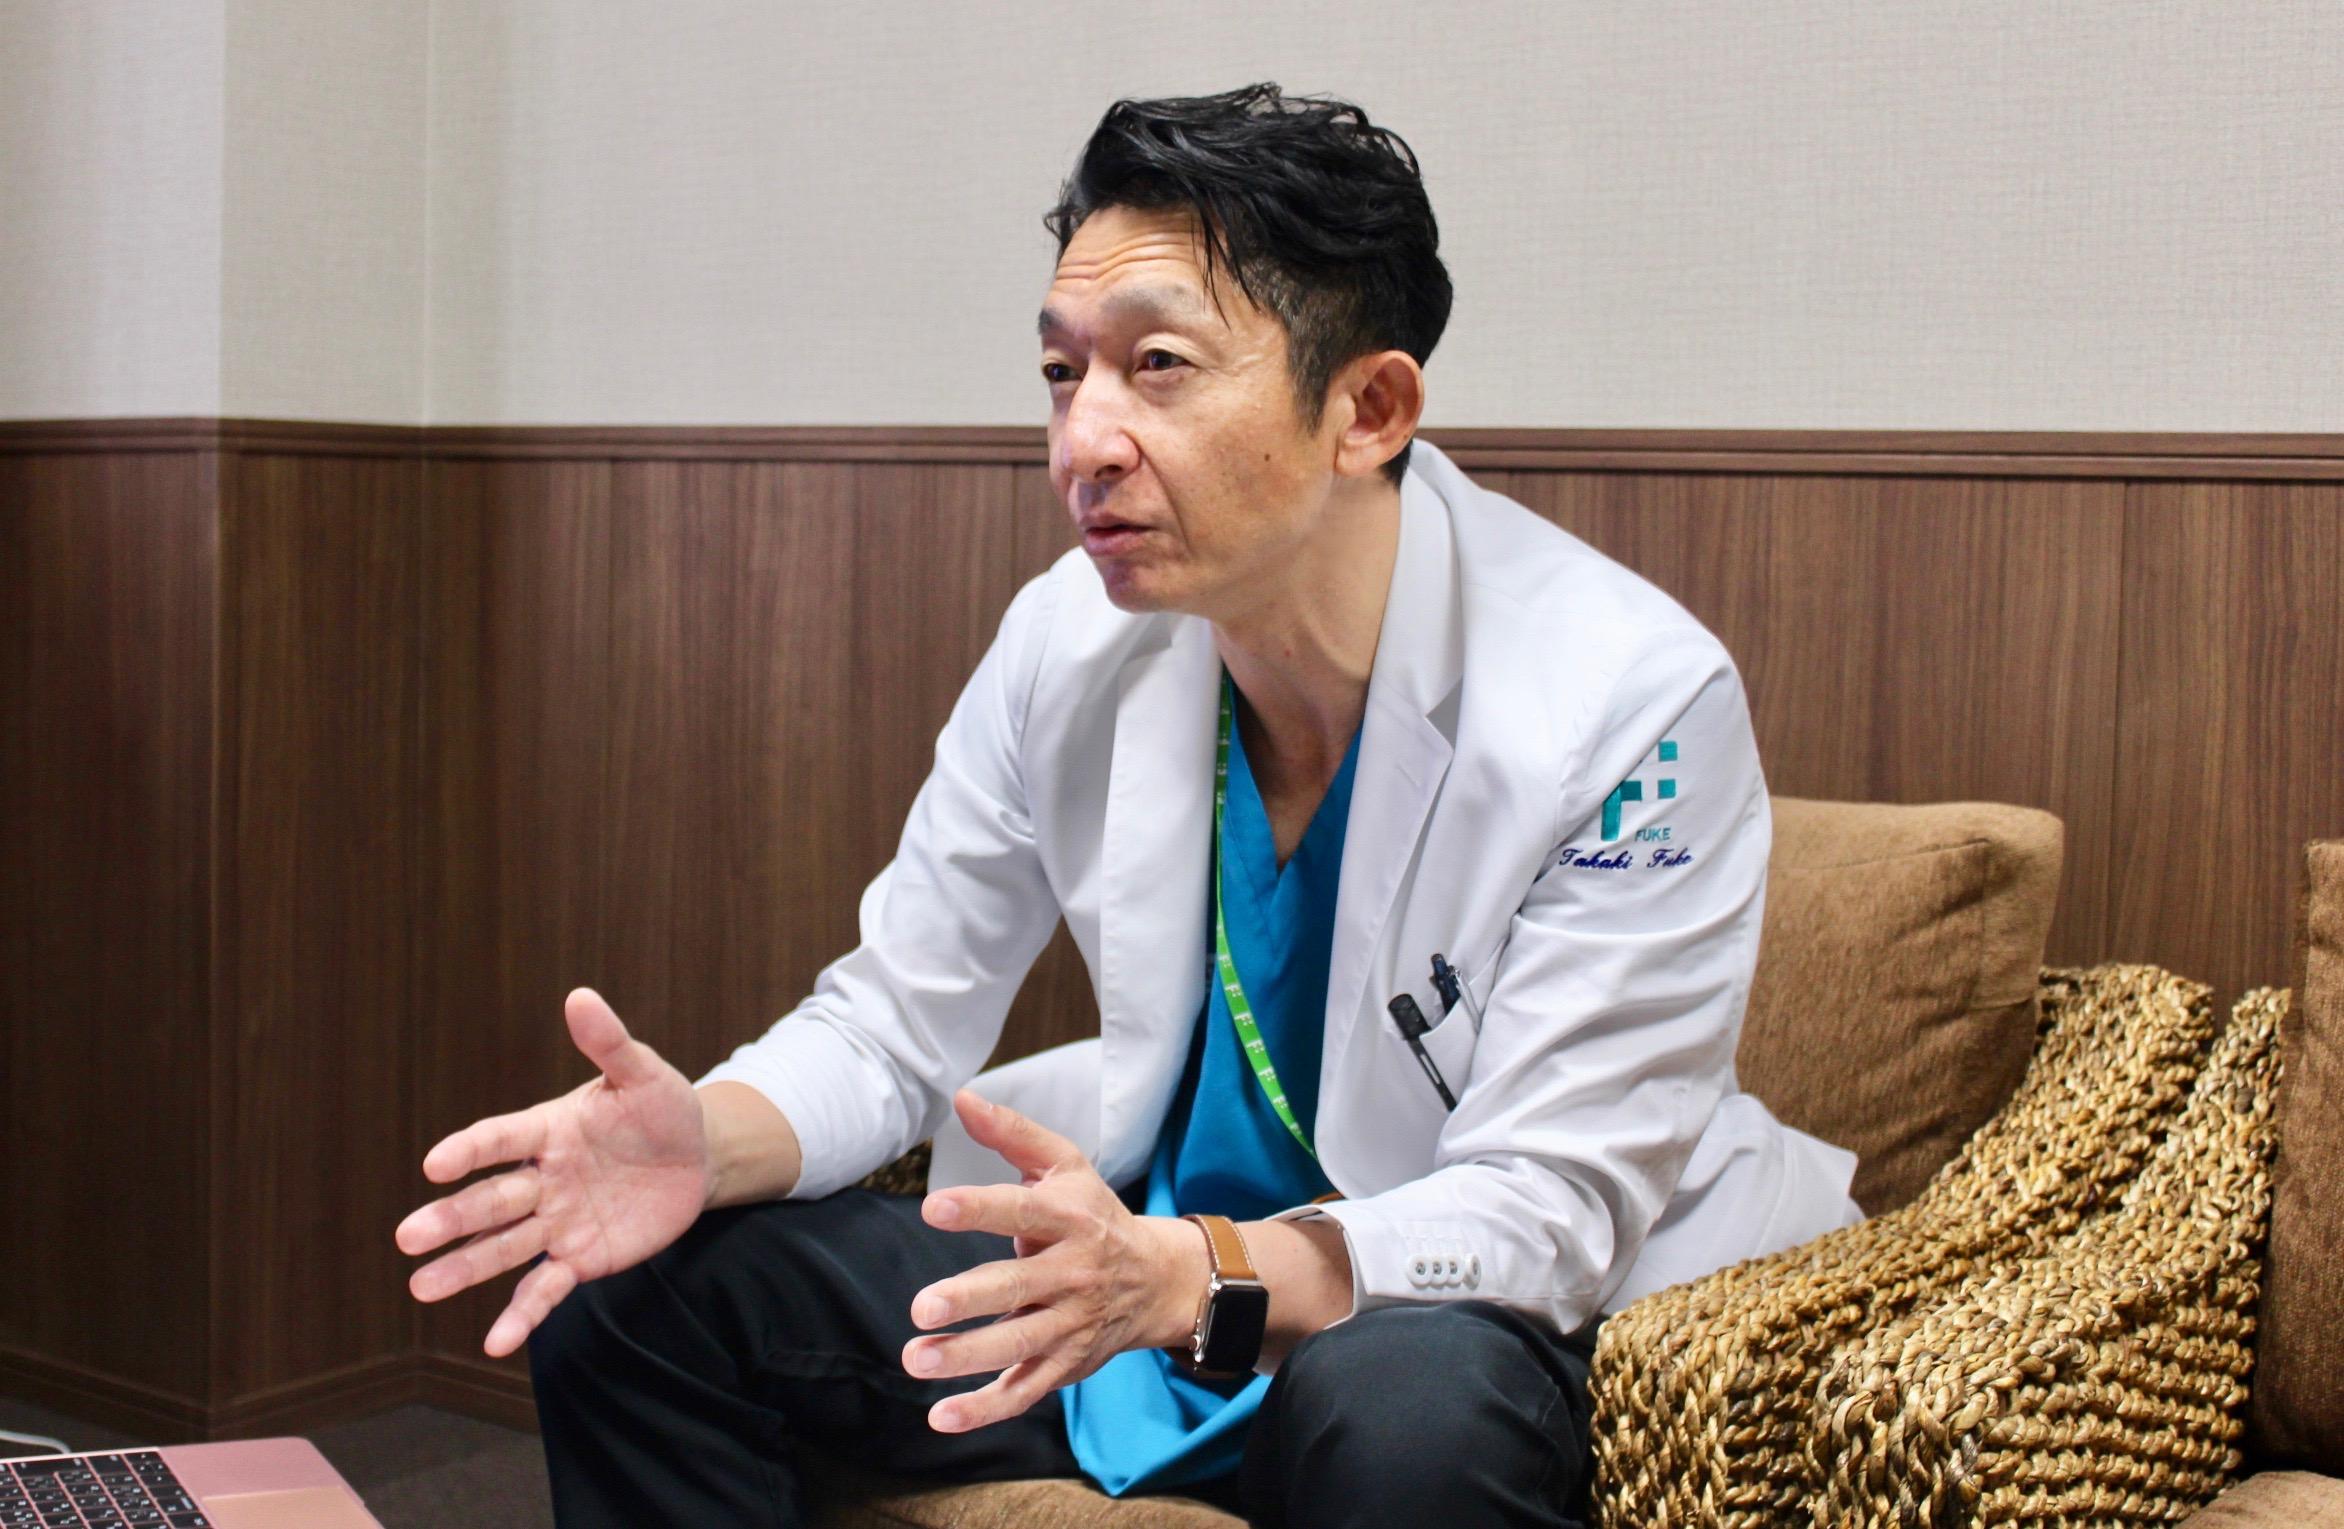 「されたい医療・されたい看護・されたい介護」−富家病院の理念と取り組み